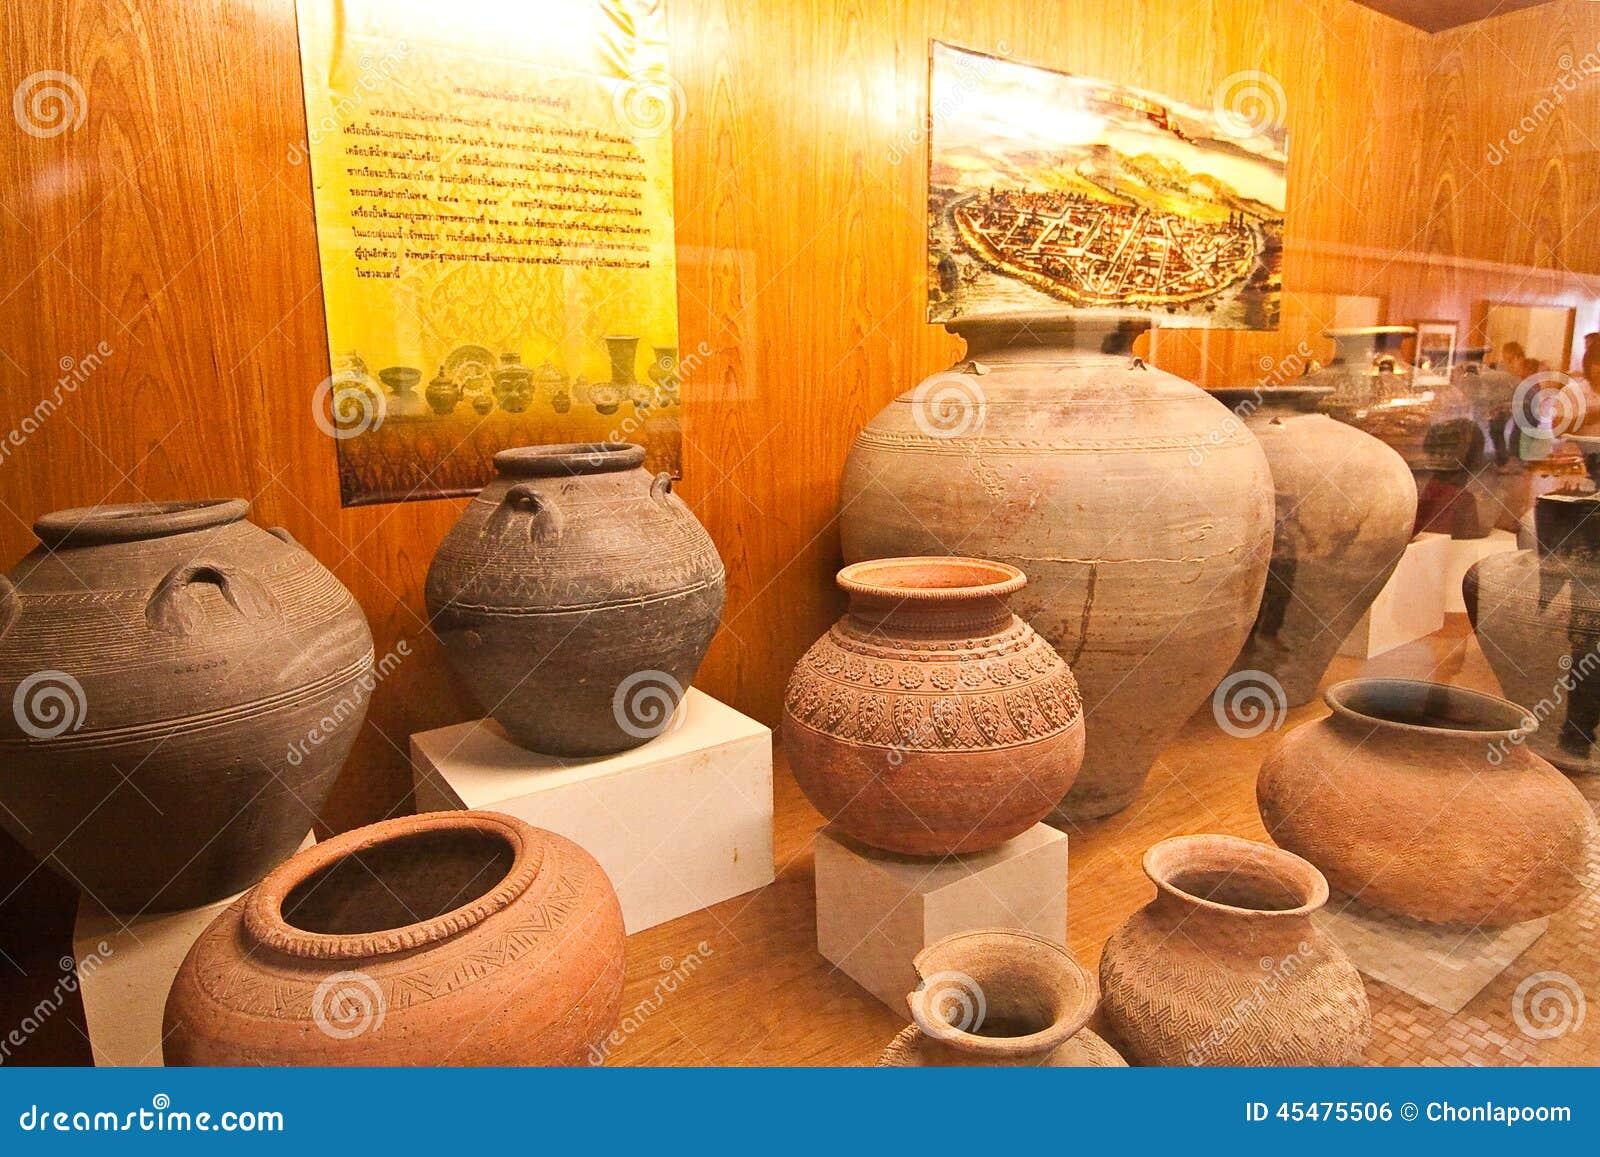 上古博物馆